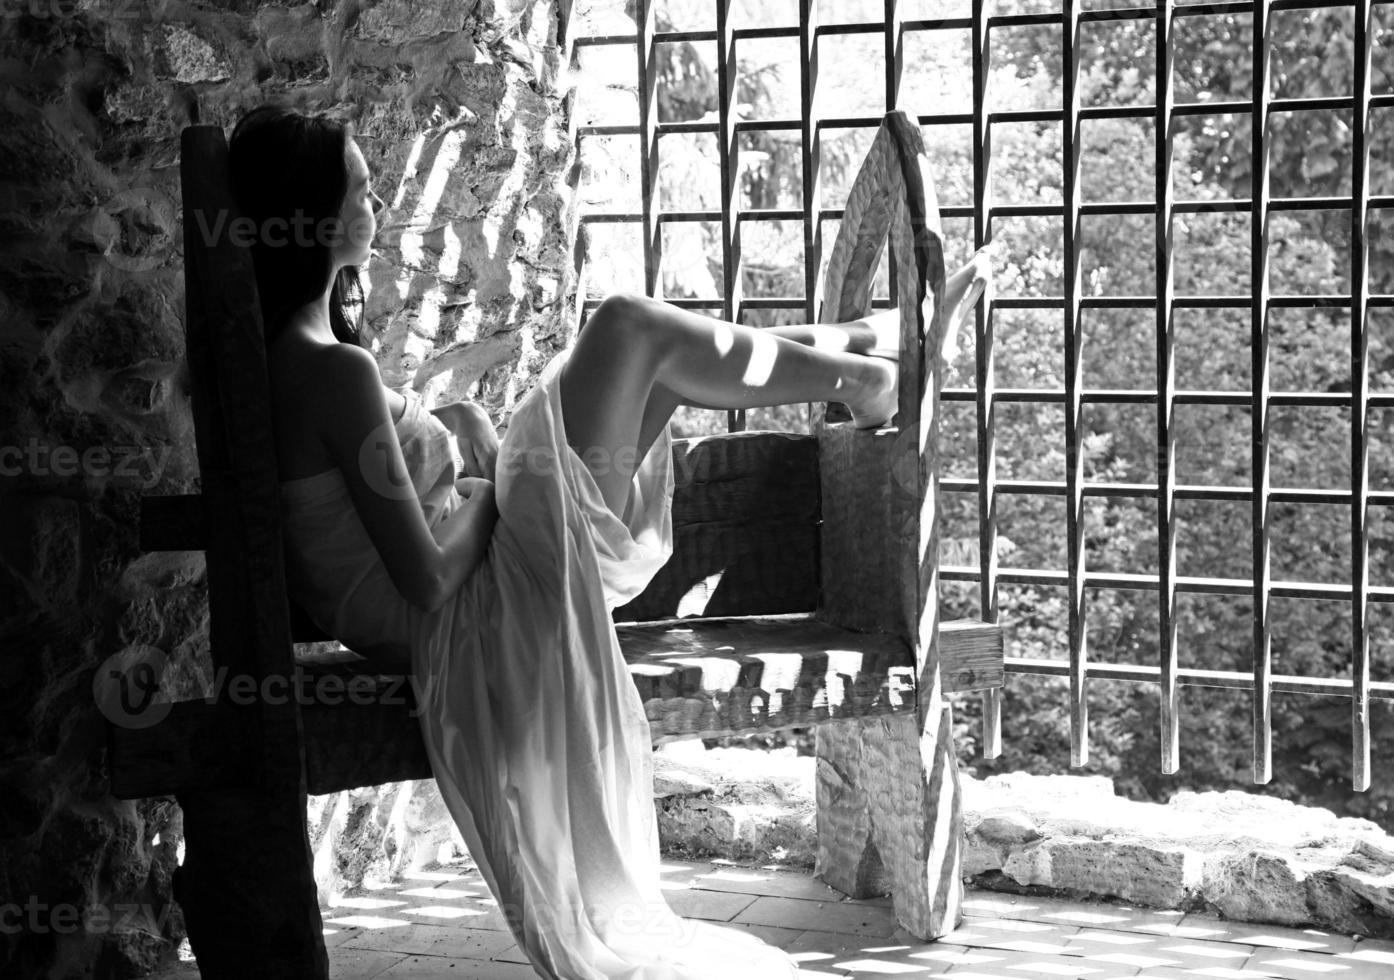 garota solitária no castelo velho foto